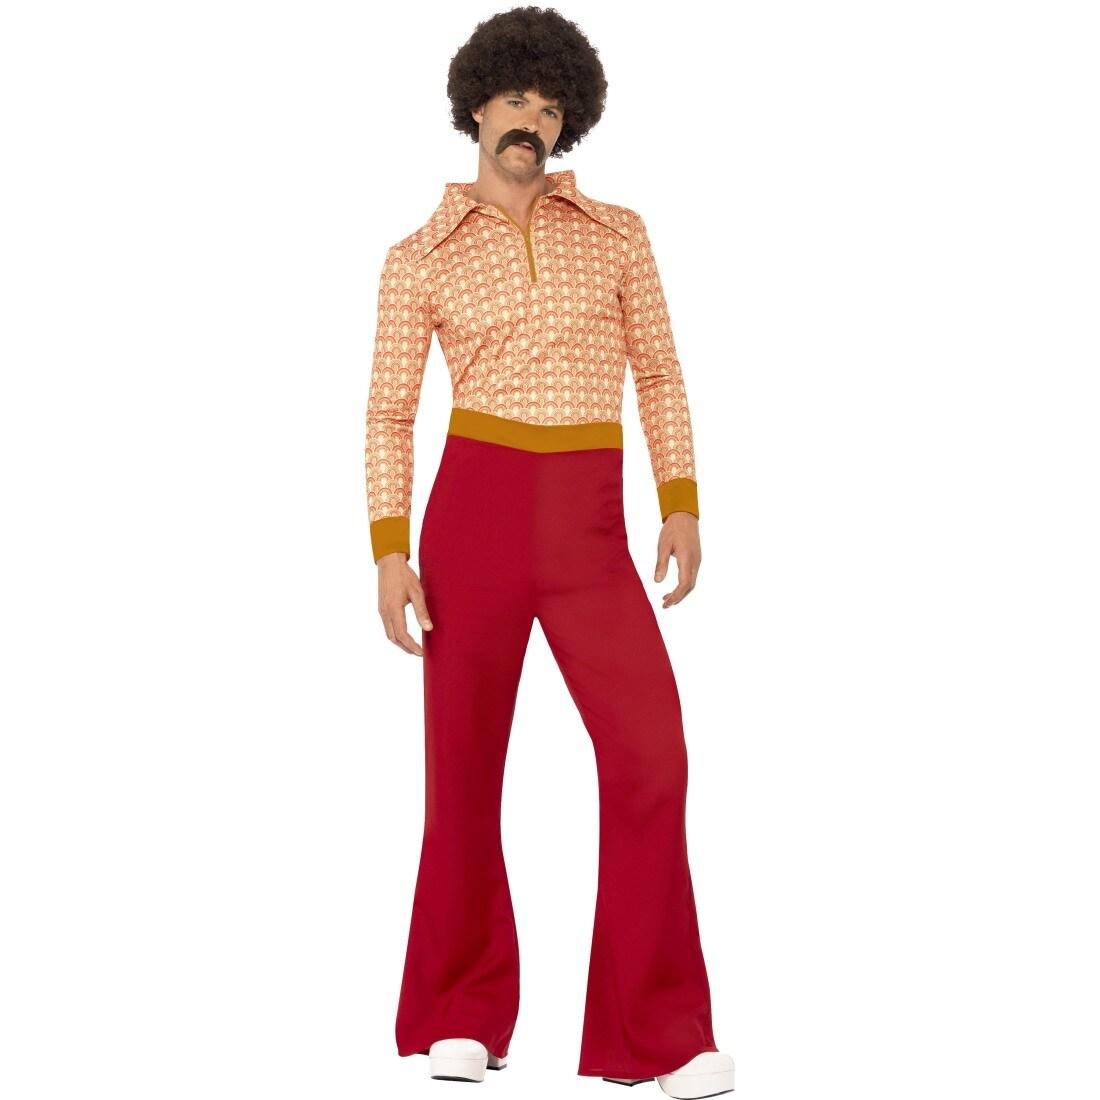 70er jahre outfit herren kost m schlagerstar 33 95. Black Bedroom Furniture Sets. Home Design Ideas